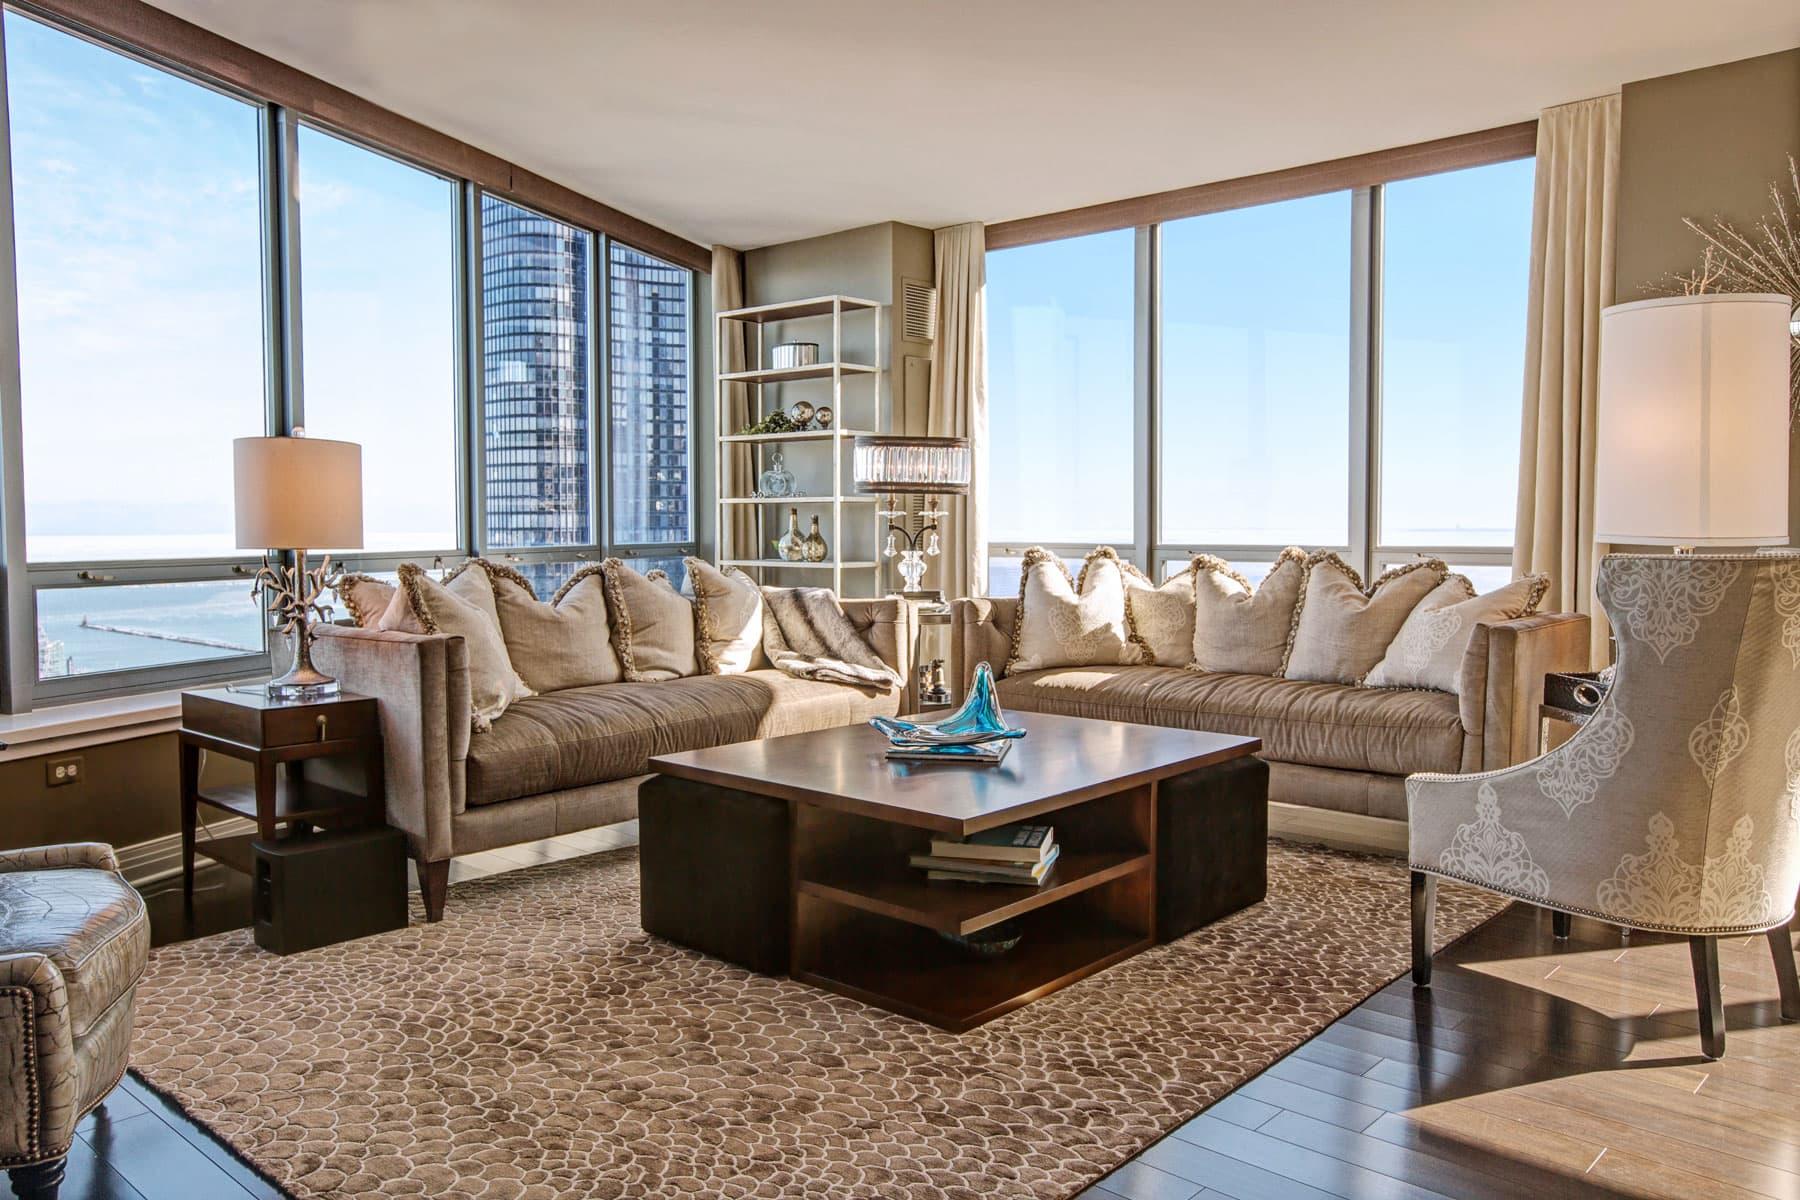 Luxury Chicago Condo Interior Design